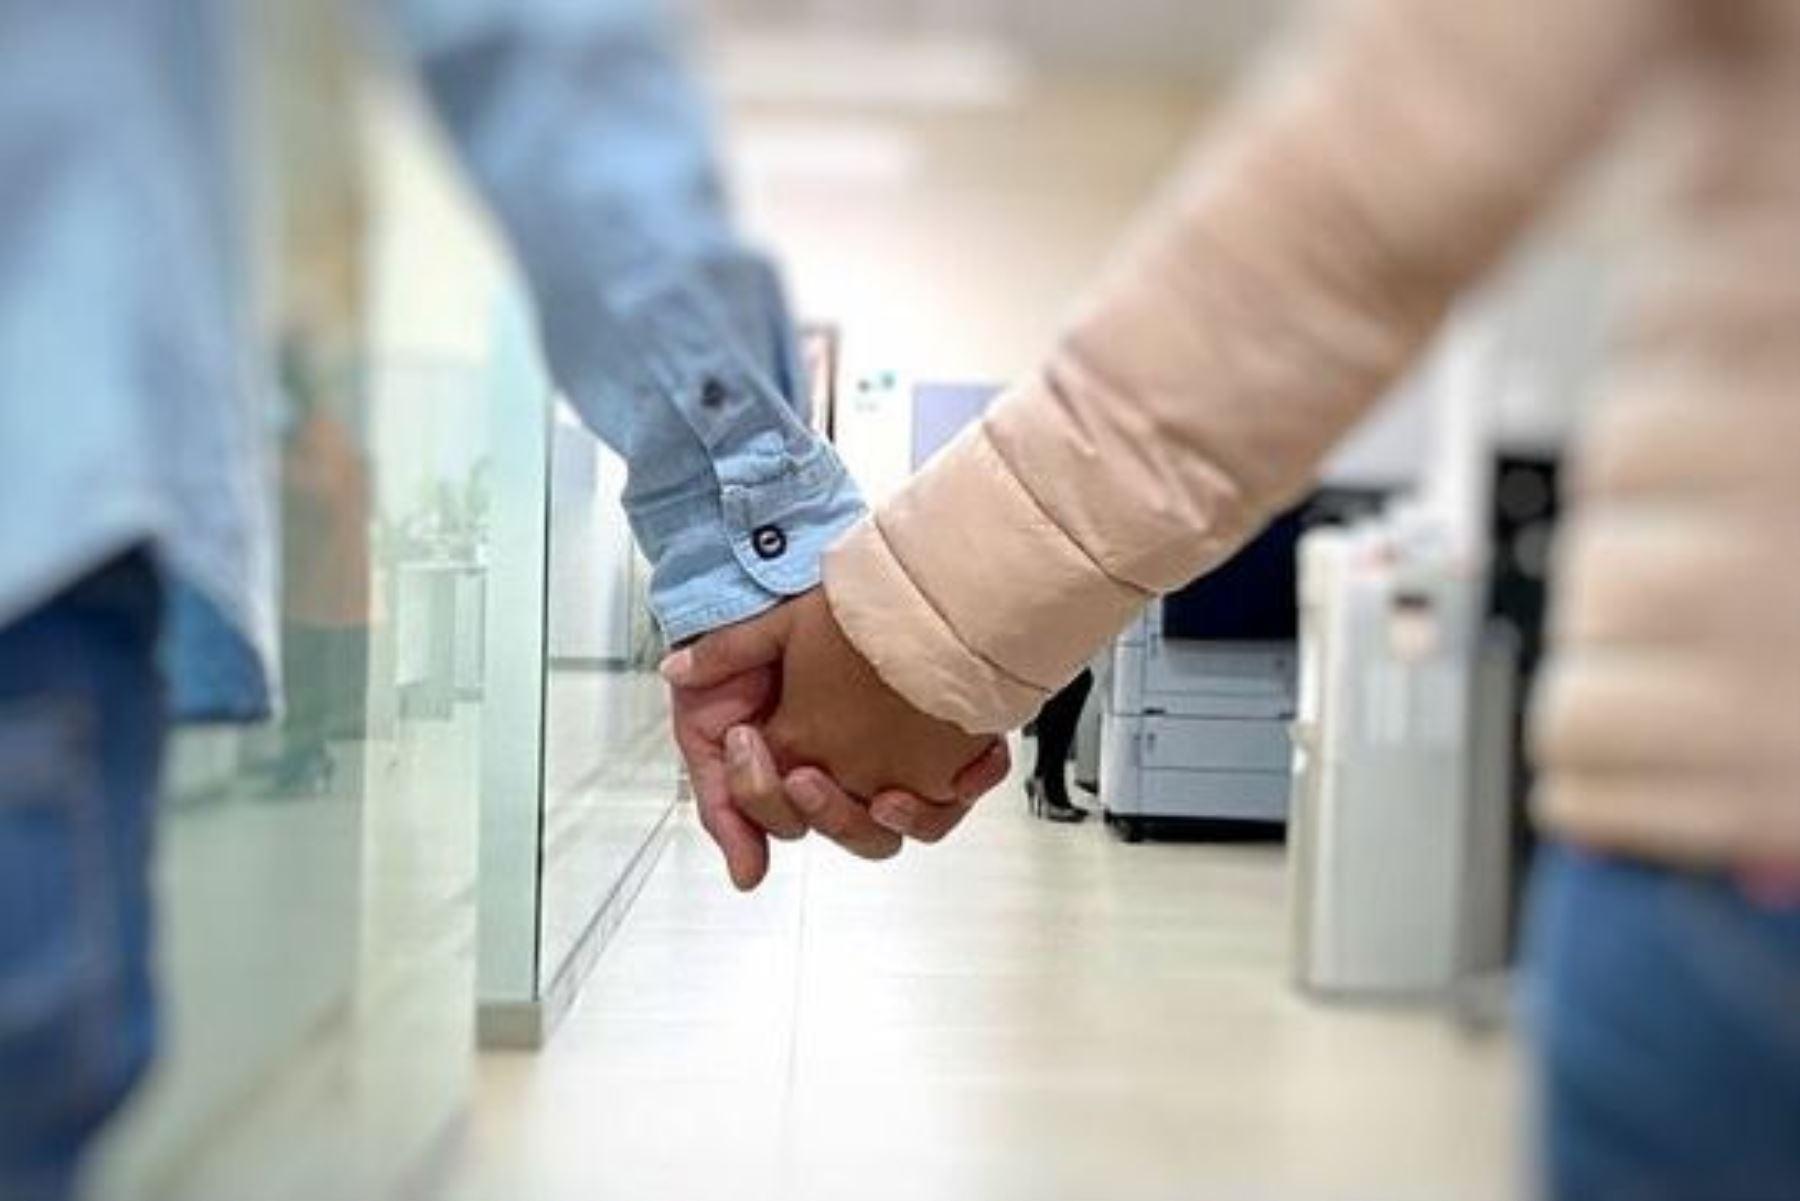 Salud mental: conoce la manera de tener una relación estable y saludable